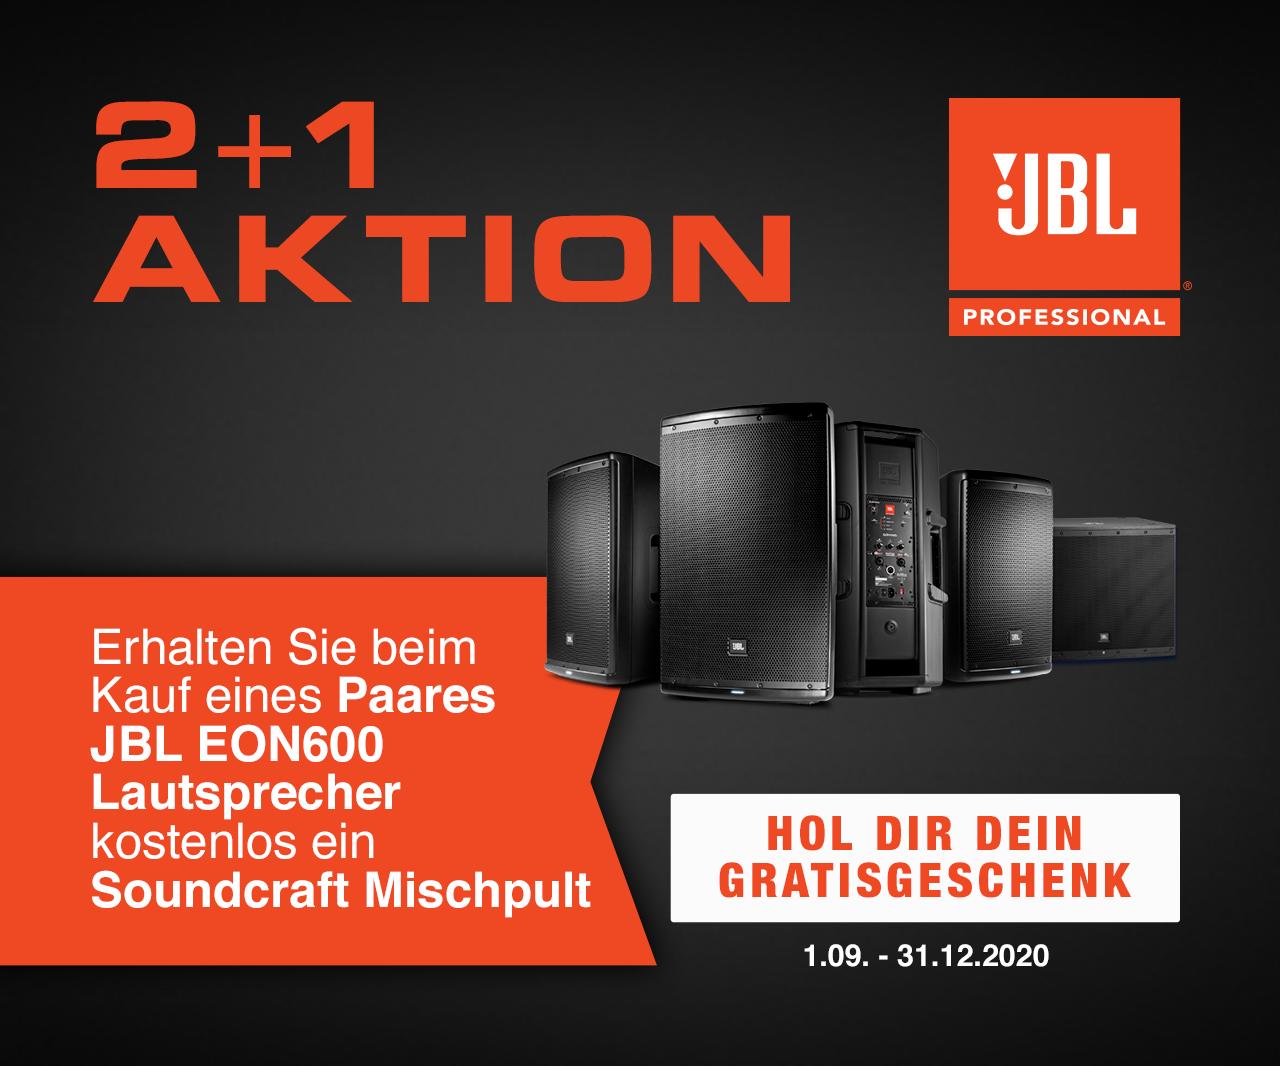 JBL EON 600 + soundcraft